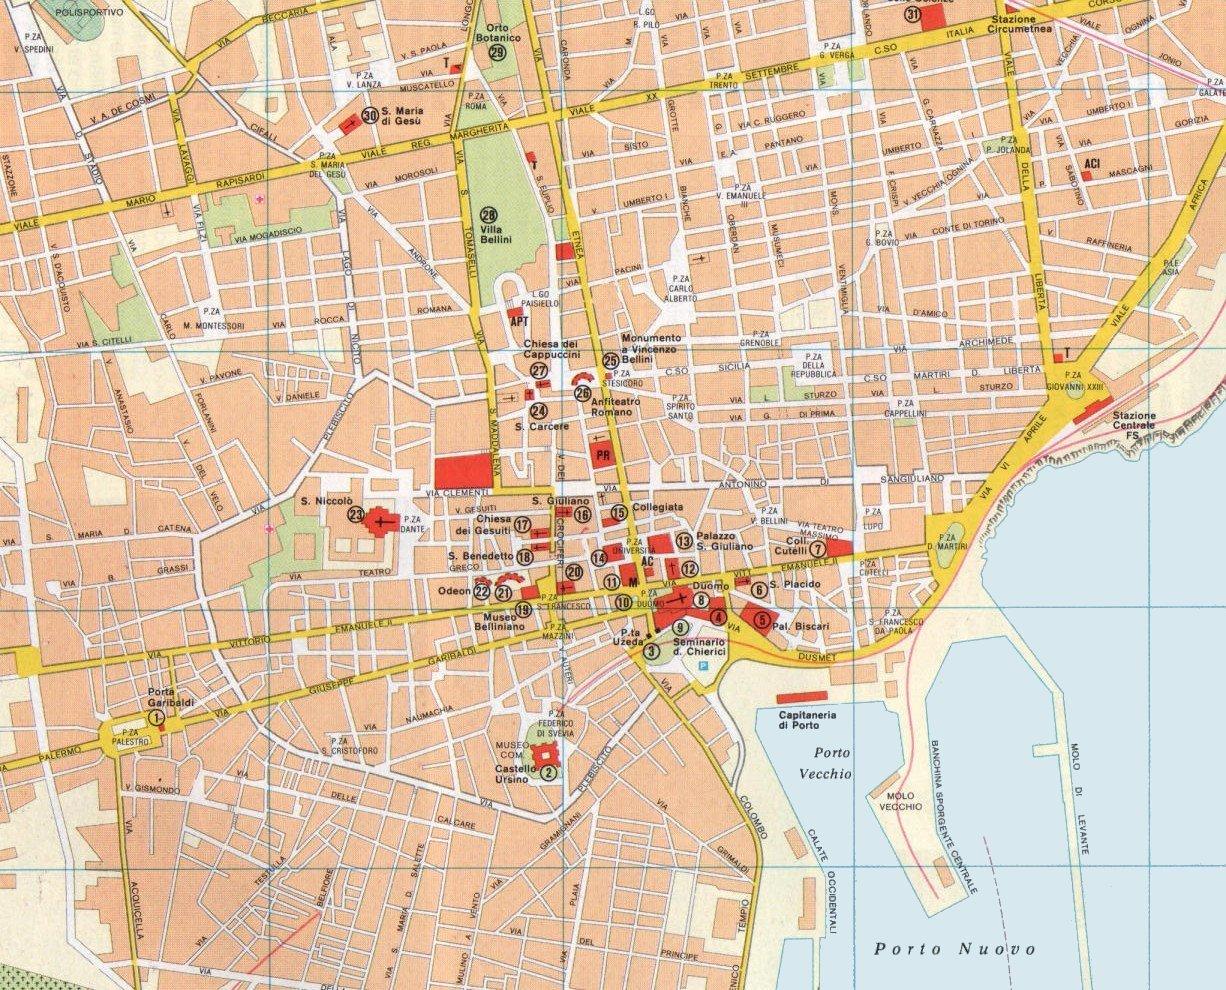 Cartina Italia Catania.Mappa Del Centro Di Catania Sicilia Italia